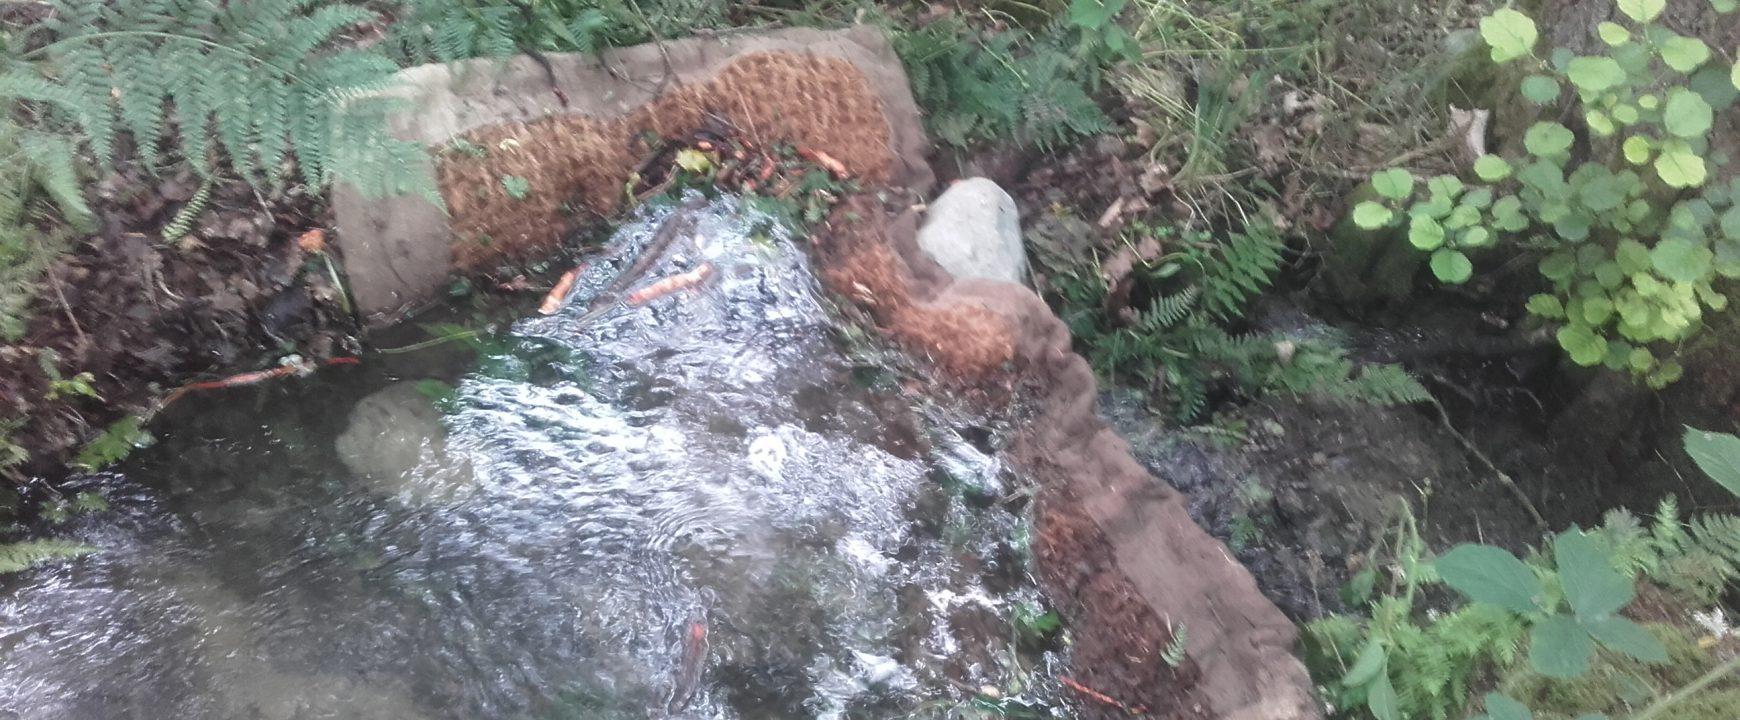 Silt mats preventing sediment from flushing downstream